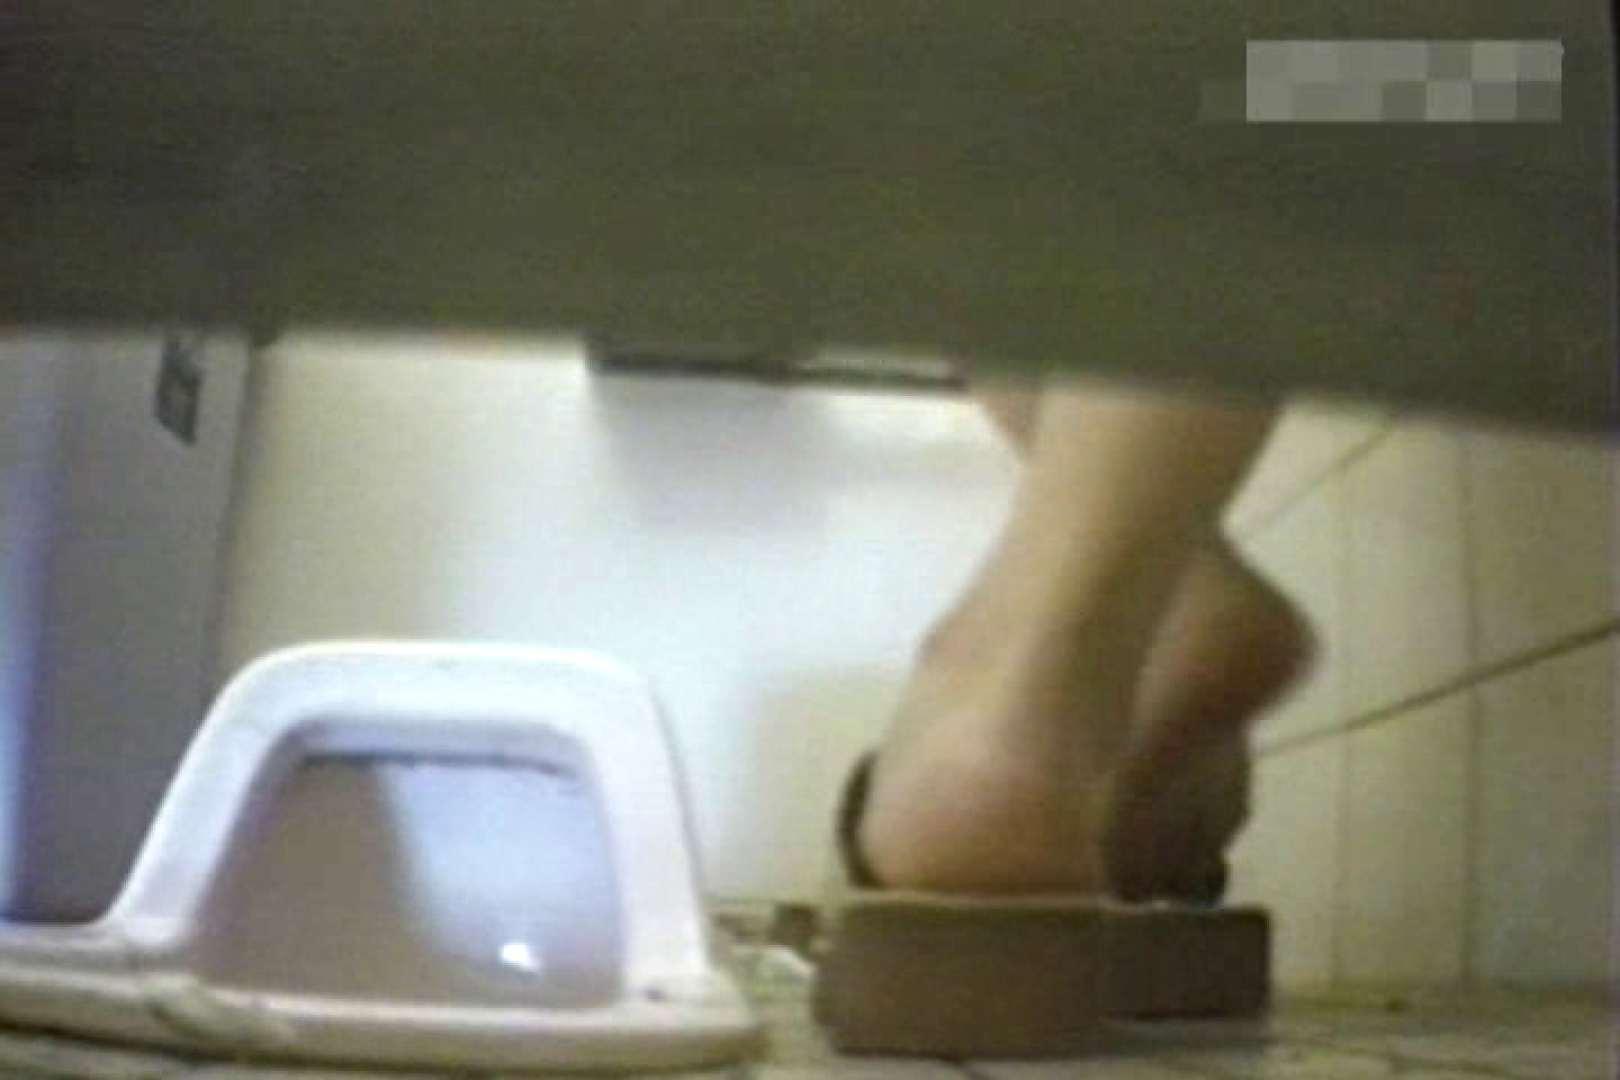 個室狂いのマニア映像Vol.2 水着  33pic 26